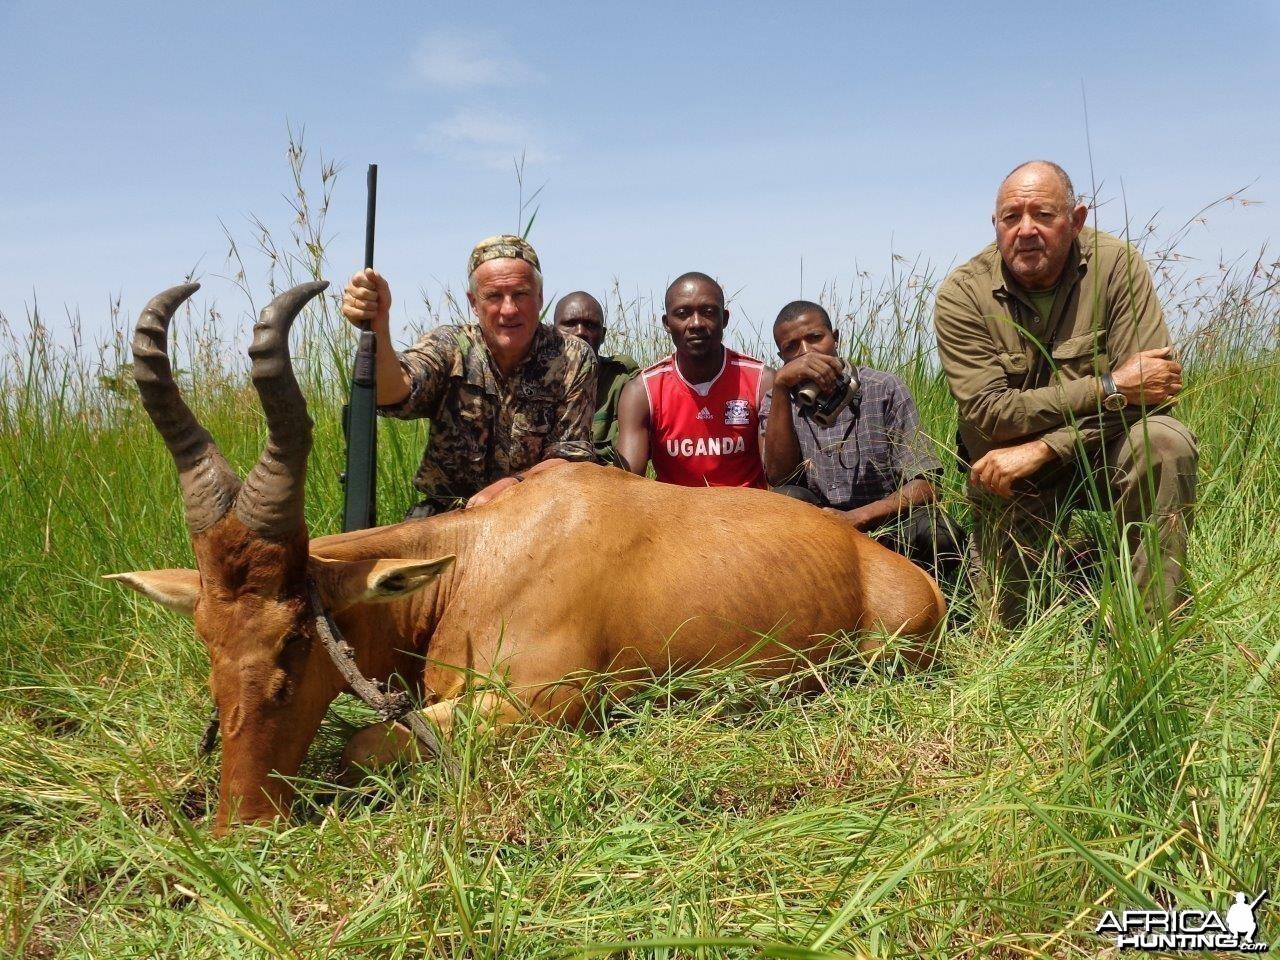 Hunting Uganda Jackson Hartebeest